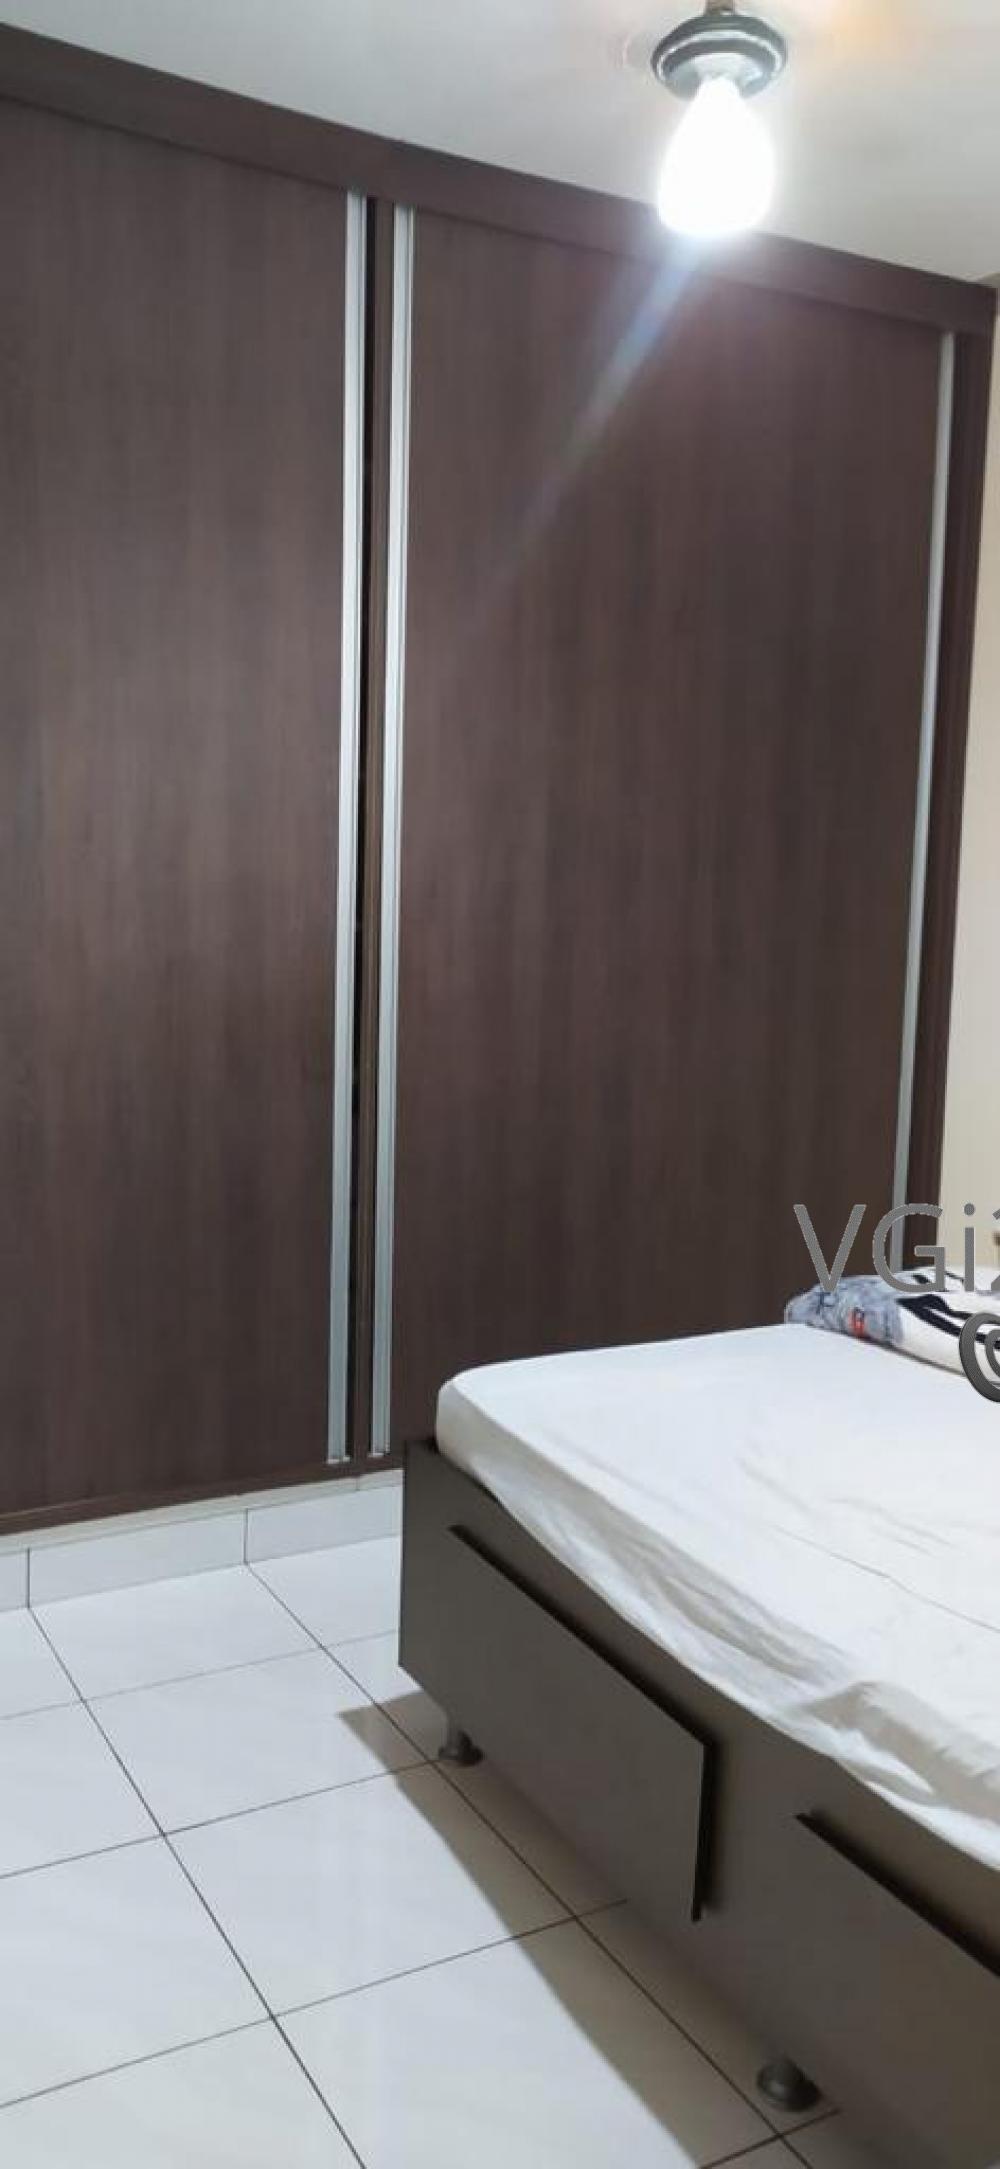 Comprar Casa / Padrão em Ribeirão Preto R$ 319.000,00 - Foto 10